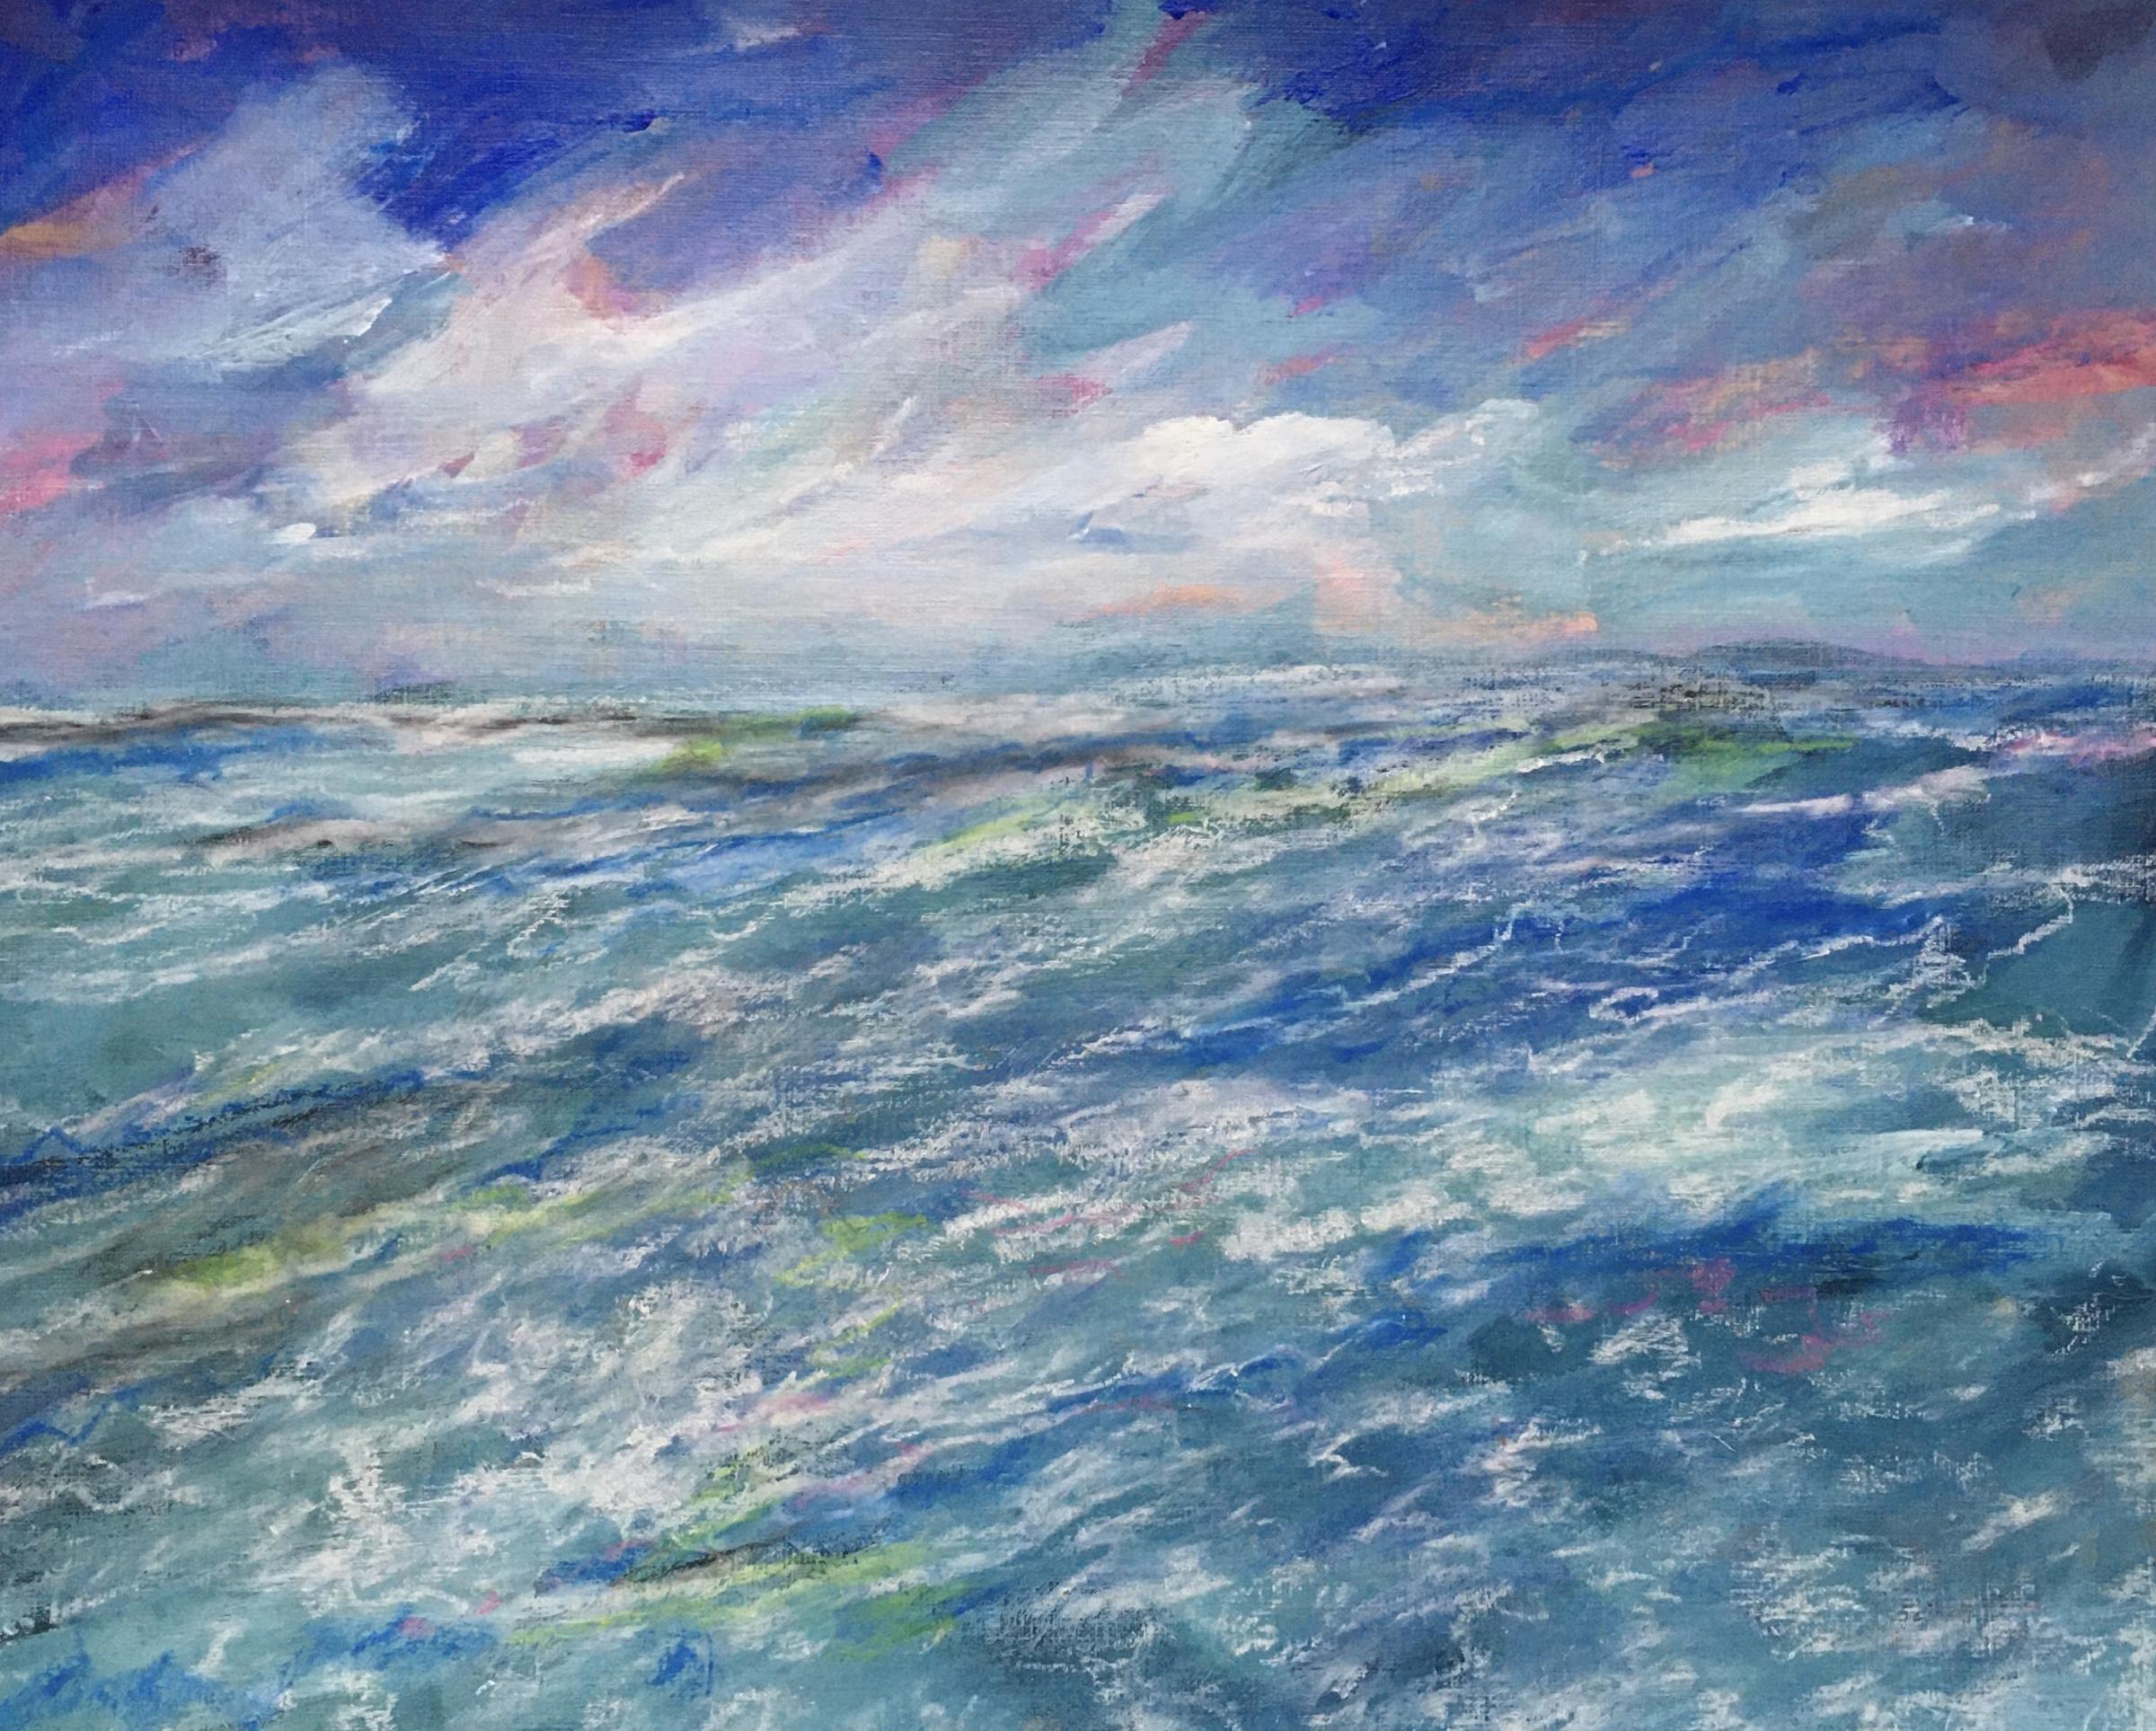 Stormy Waters by Pauline Jennett